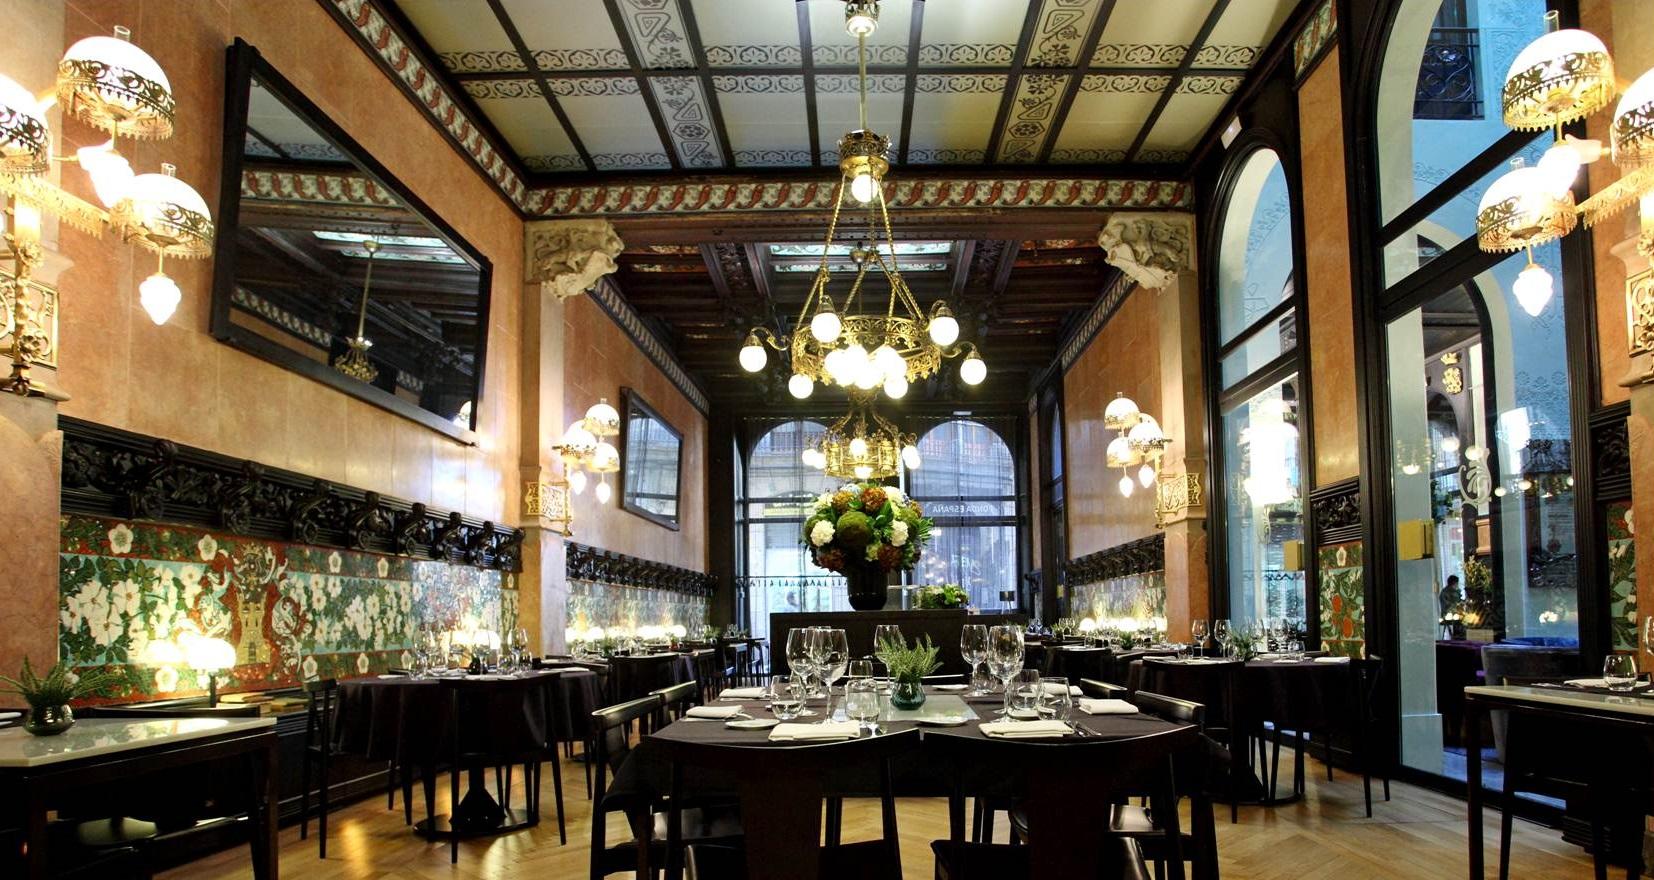 Top 5 barcelona restaurantes cl sicos de cocina catalana for Los restaurantes mas clandestinos y secretos de barcelona